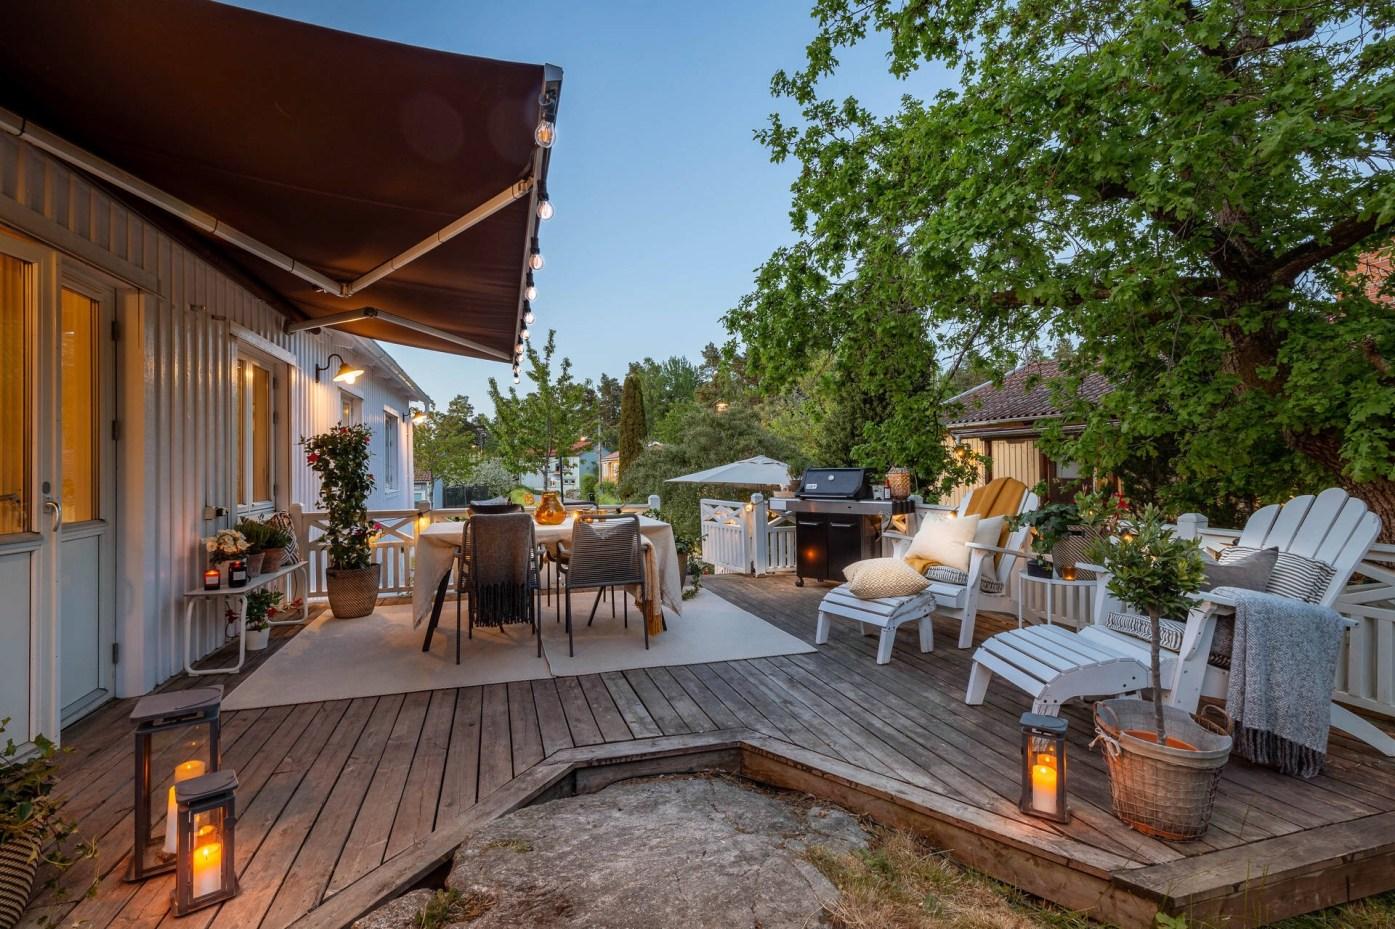 house terrace